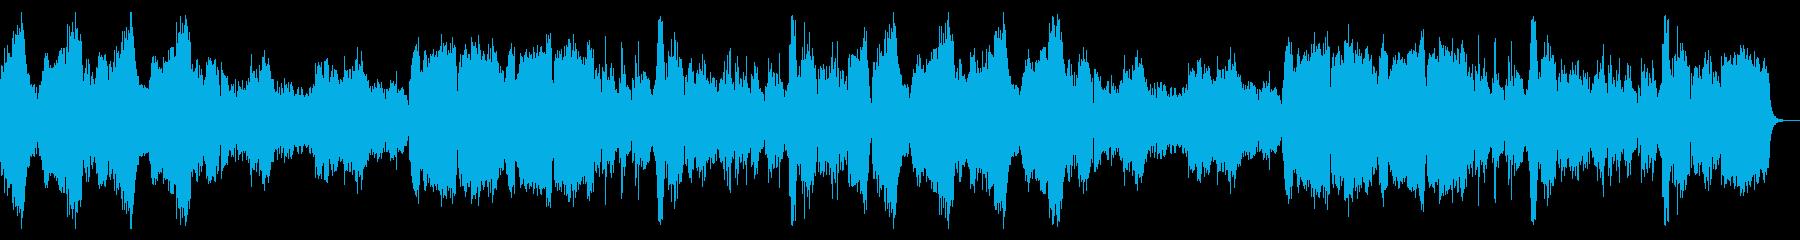 重厚でリッチなハロウィン曲の再生済みの波形